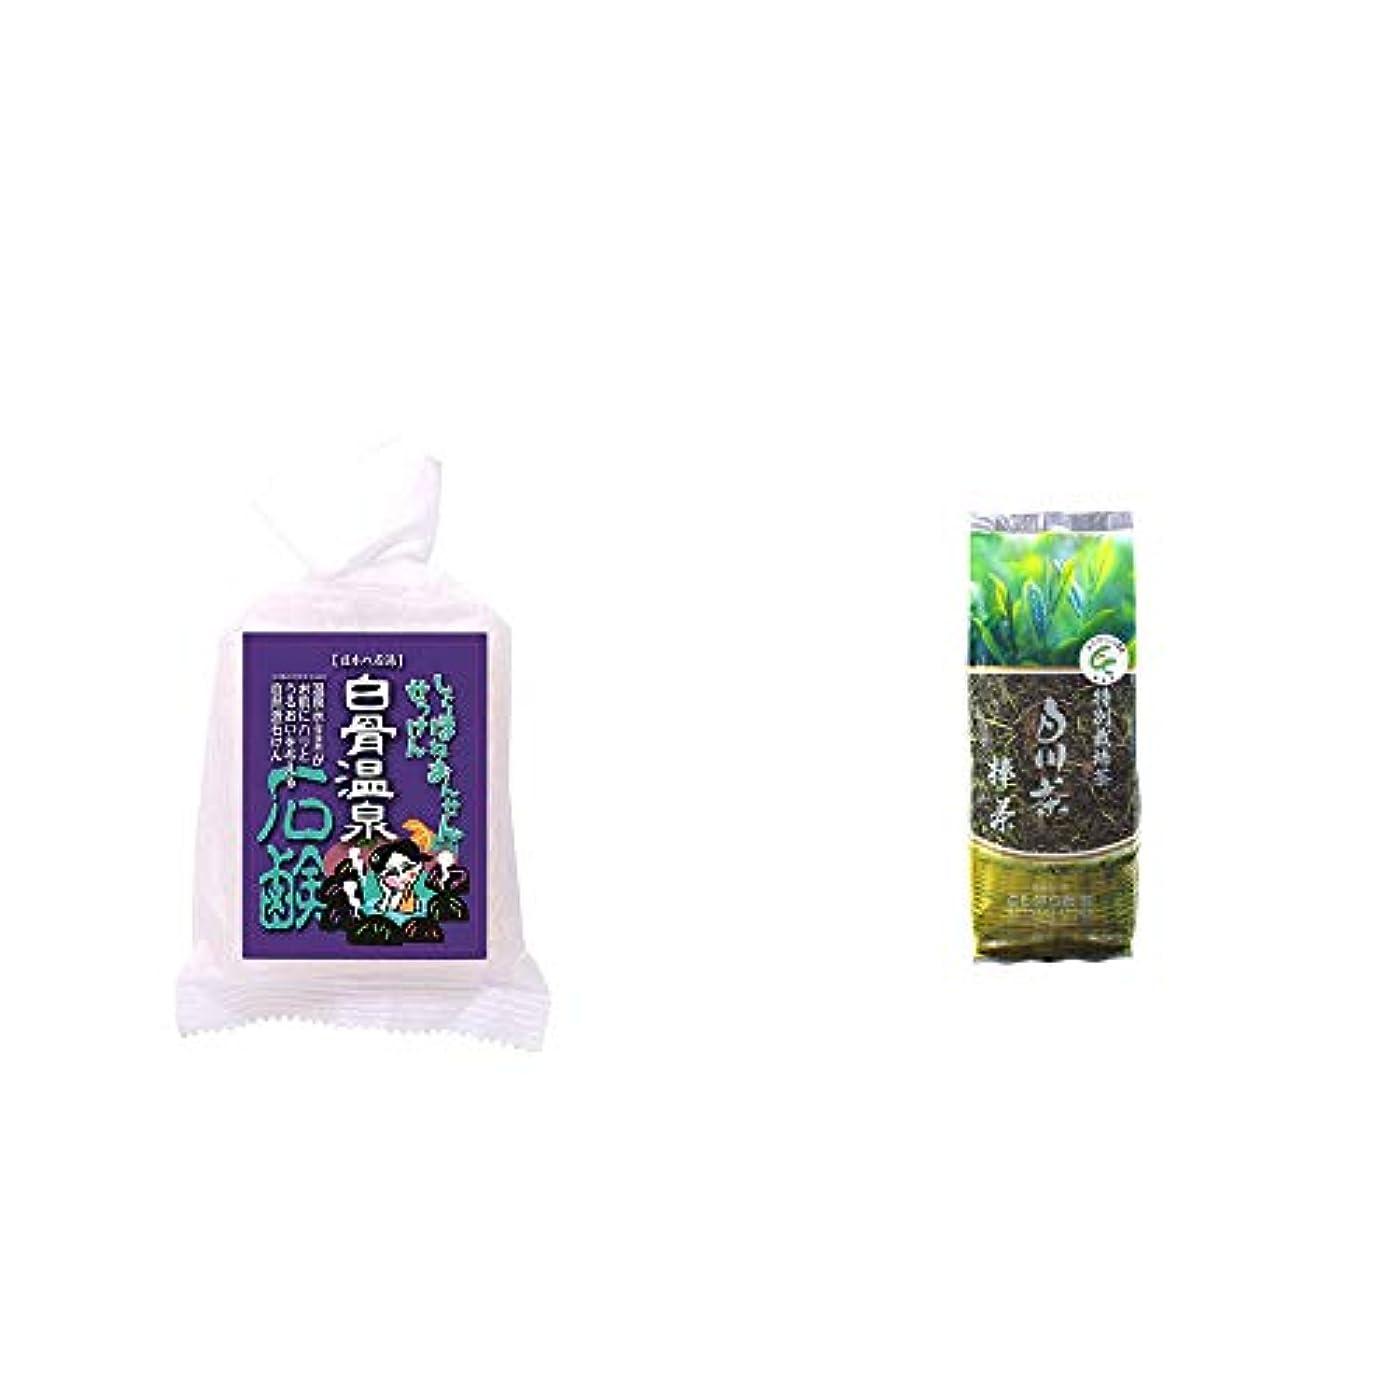 葉解読する財団[2点セット] 信州 白骨温泉石鹸(80g)?白川茶 特別栽培茶【棒茶】(150g)